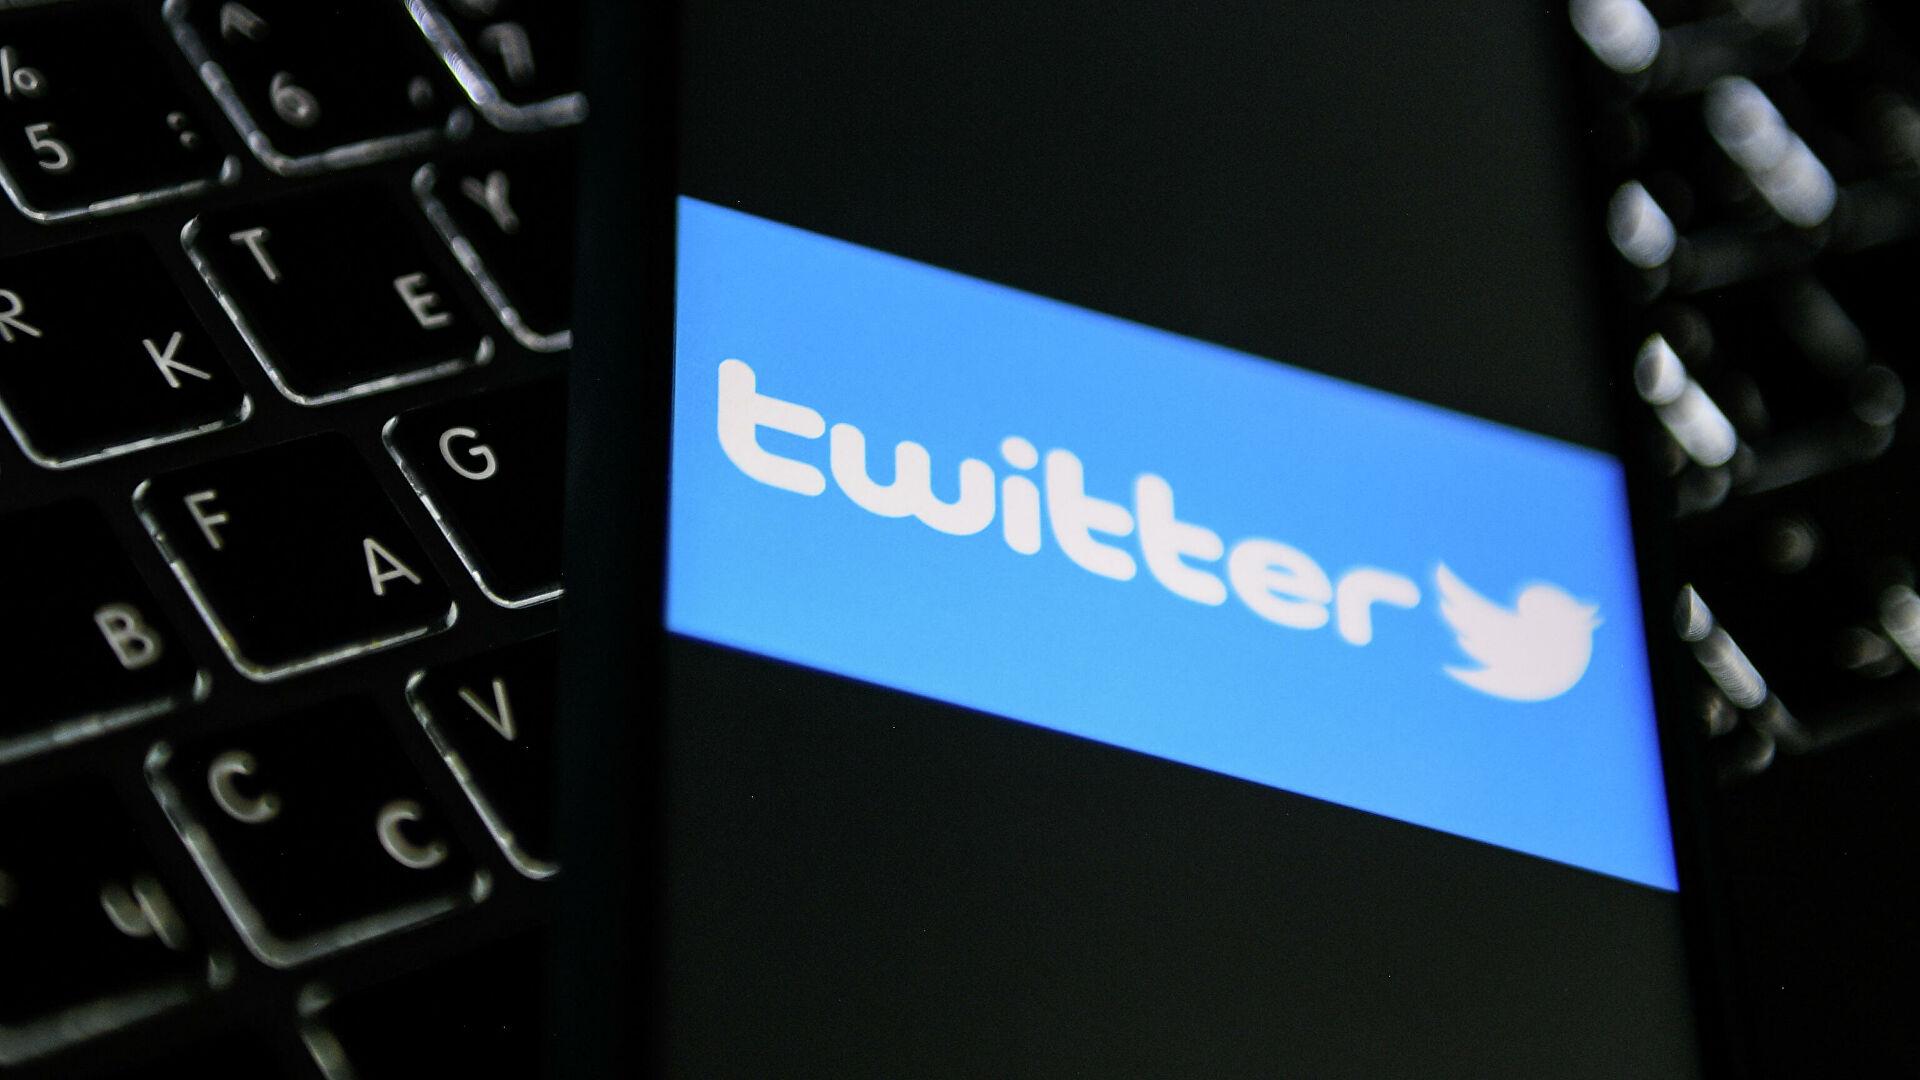 Роскомнадзор не обнаружил проблем и сбоев, связанных с замедлением Twitter